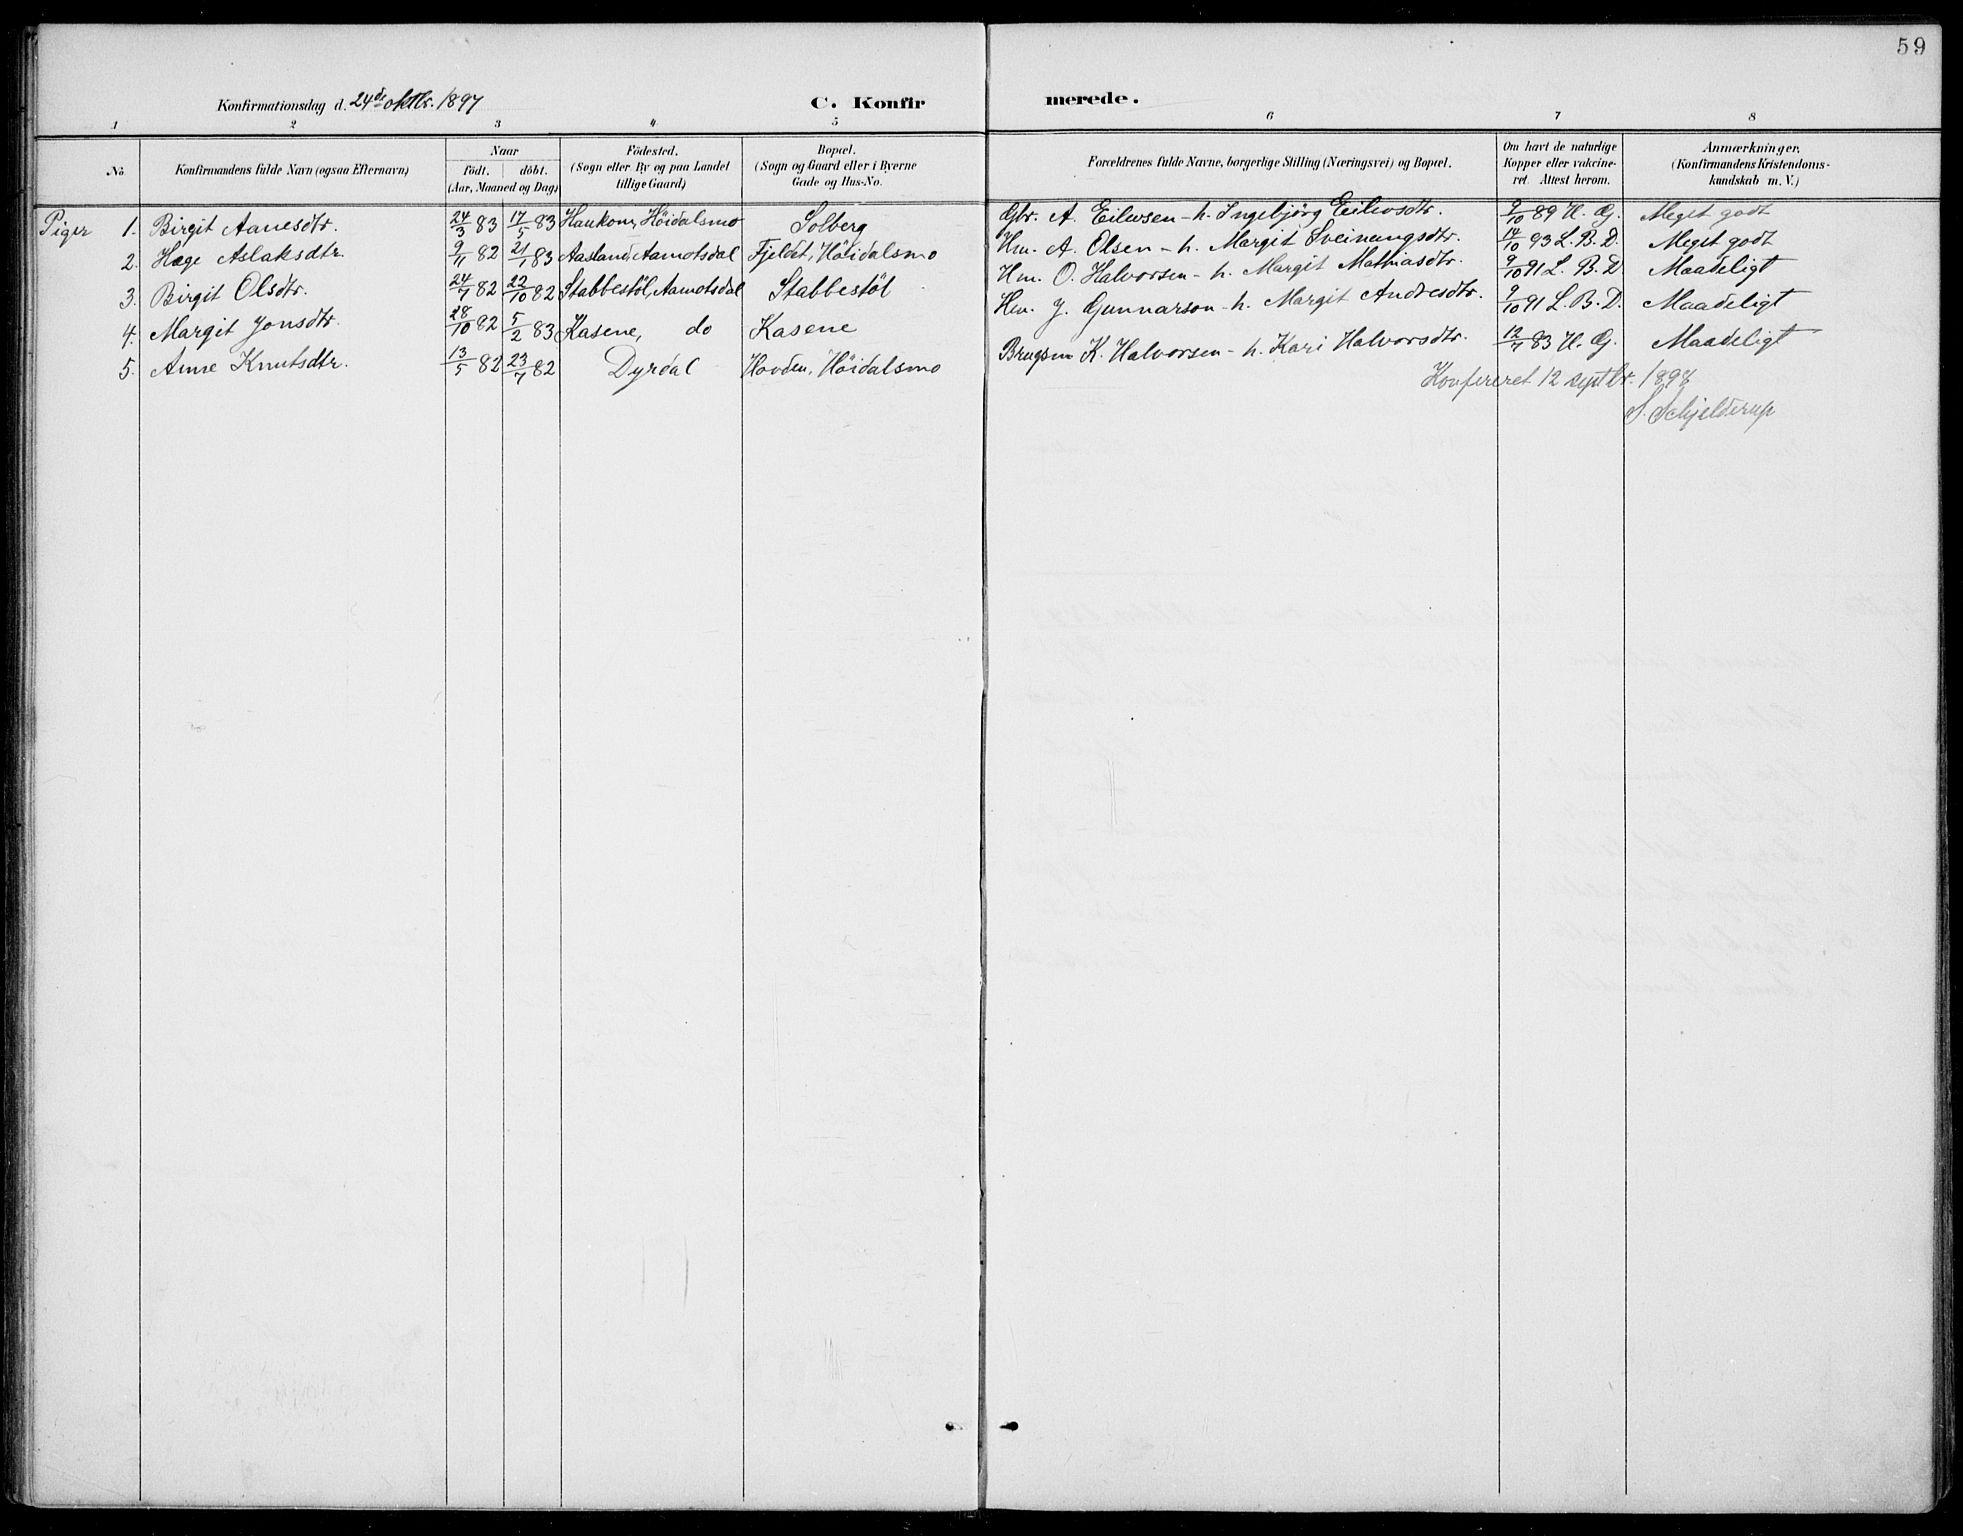 SAKO, Rauland kirkebøker, G/Gb/L0002: Klokkerbok nr. II 2, 1887-1937, s. 59